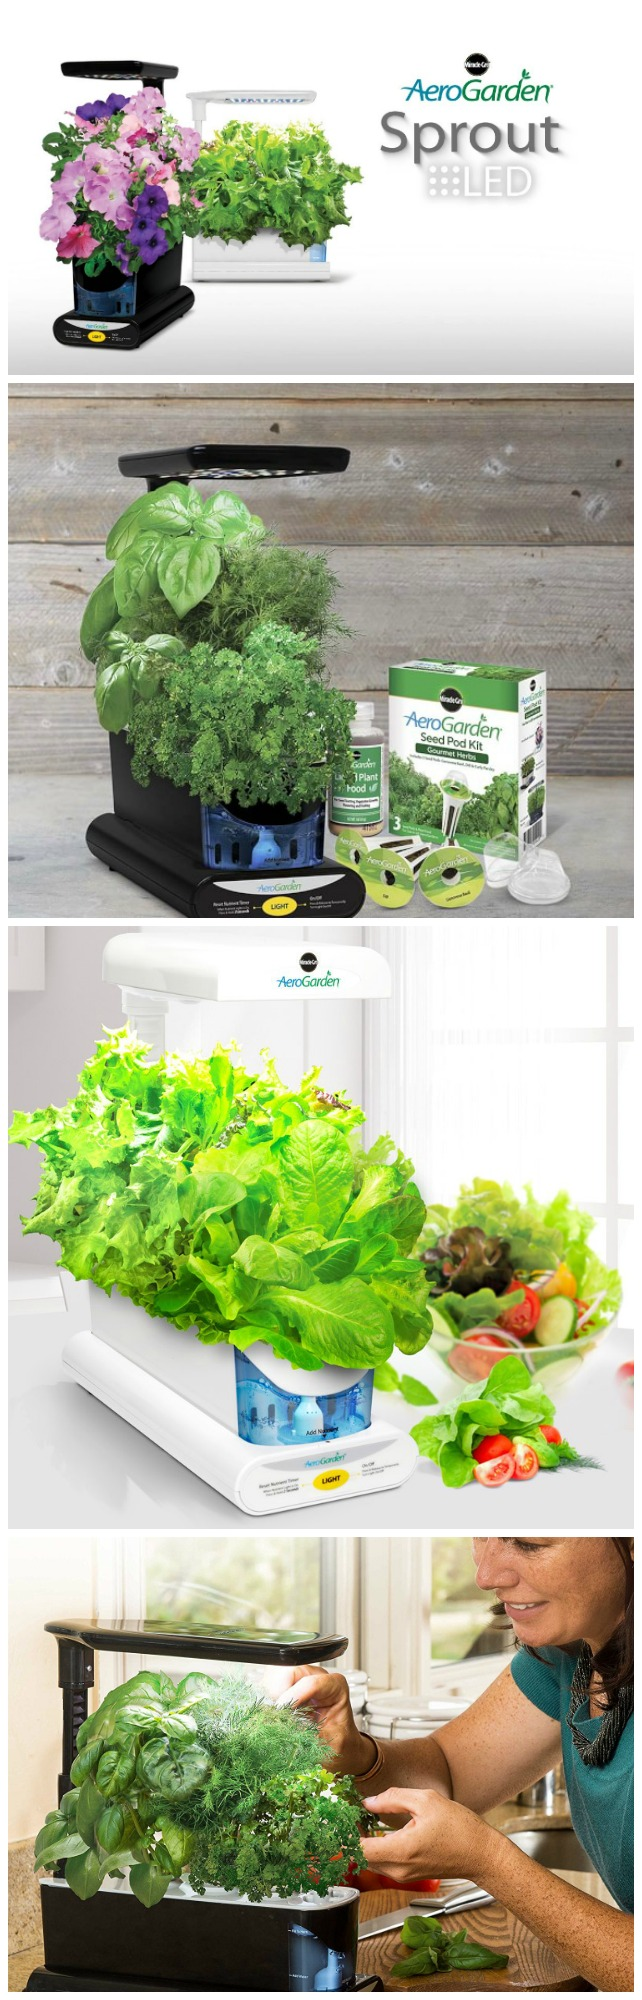 Garden Year Round Grow Fresh Herbs Vegetables Salad 640 x 480